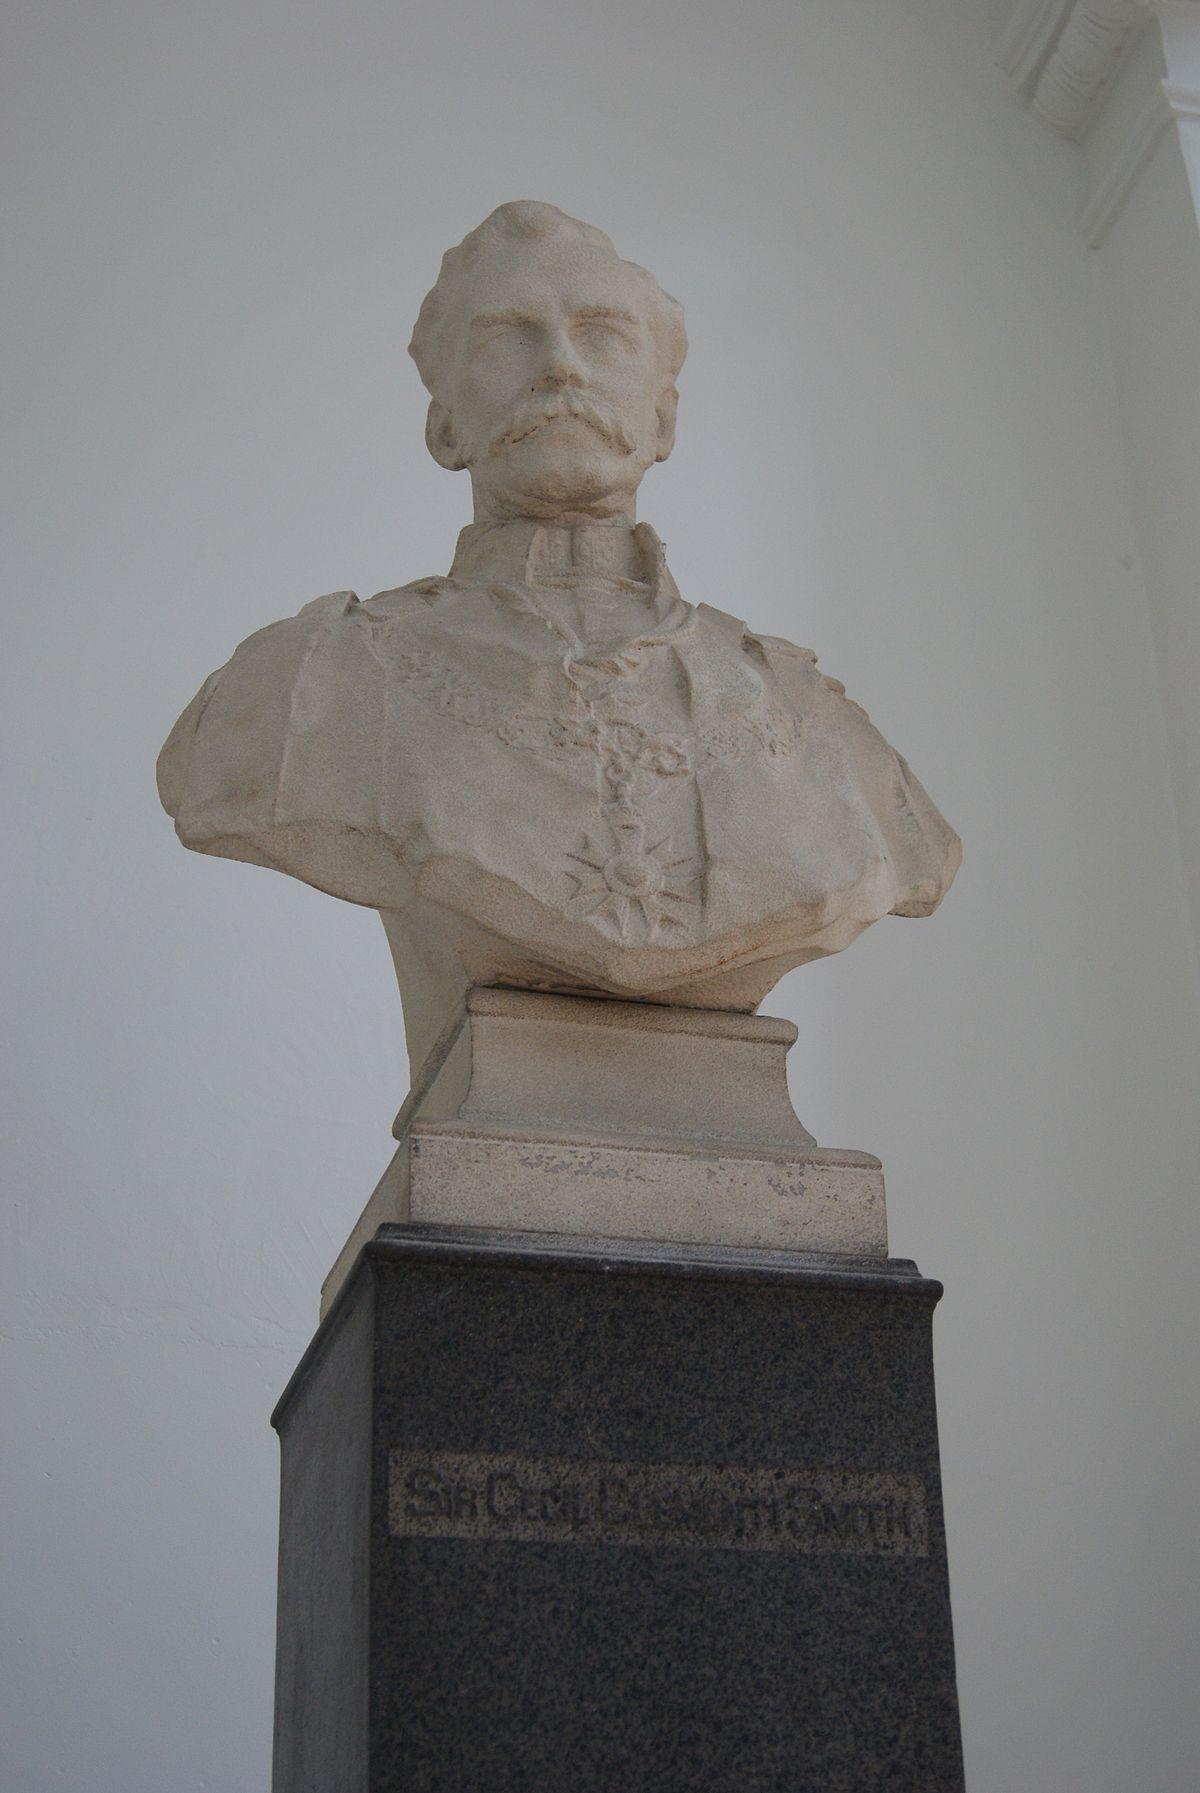 Cecil Clementi Smith - Wikipedia